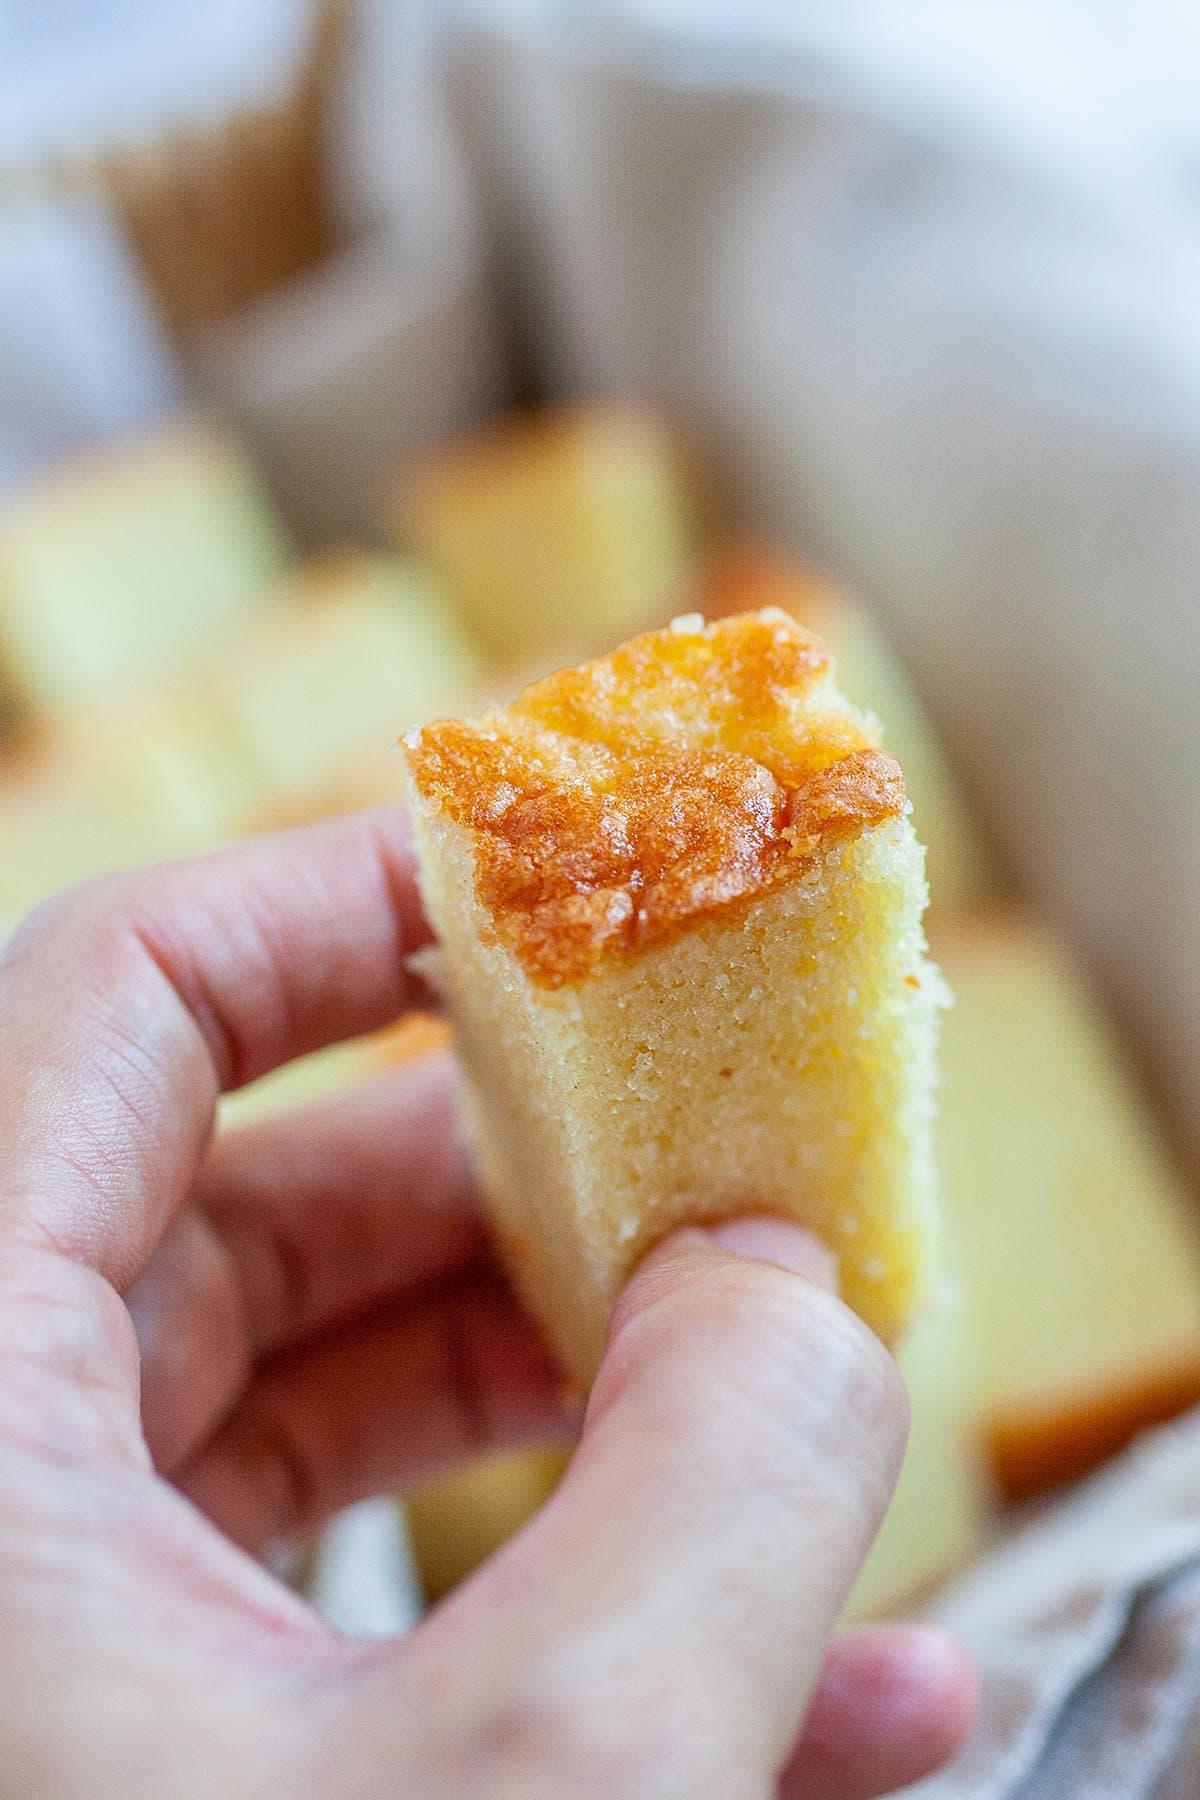 Gâteau au beurre riche, coupé en morceaux.